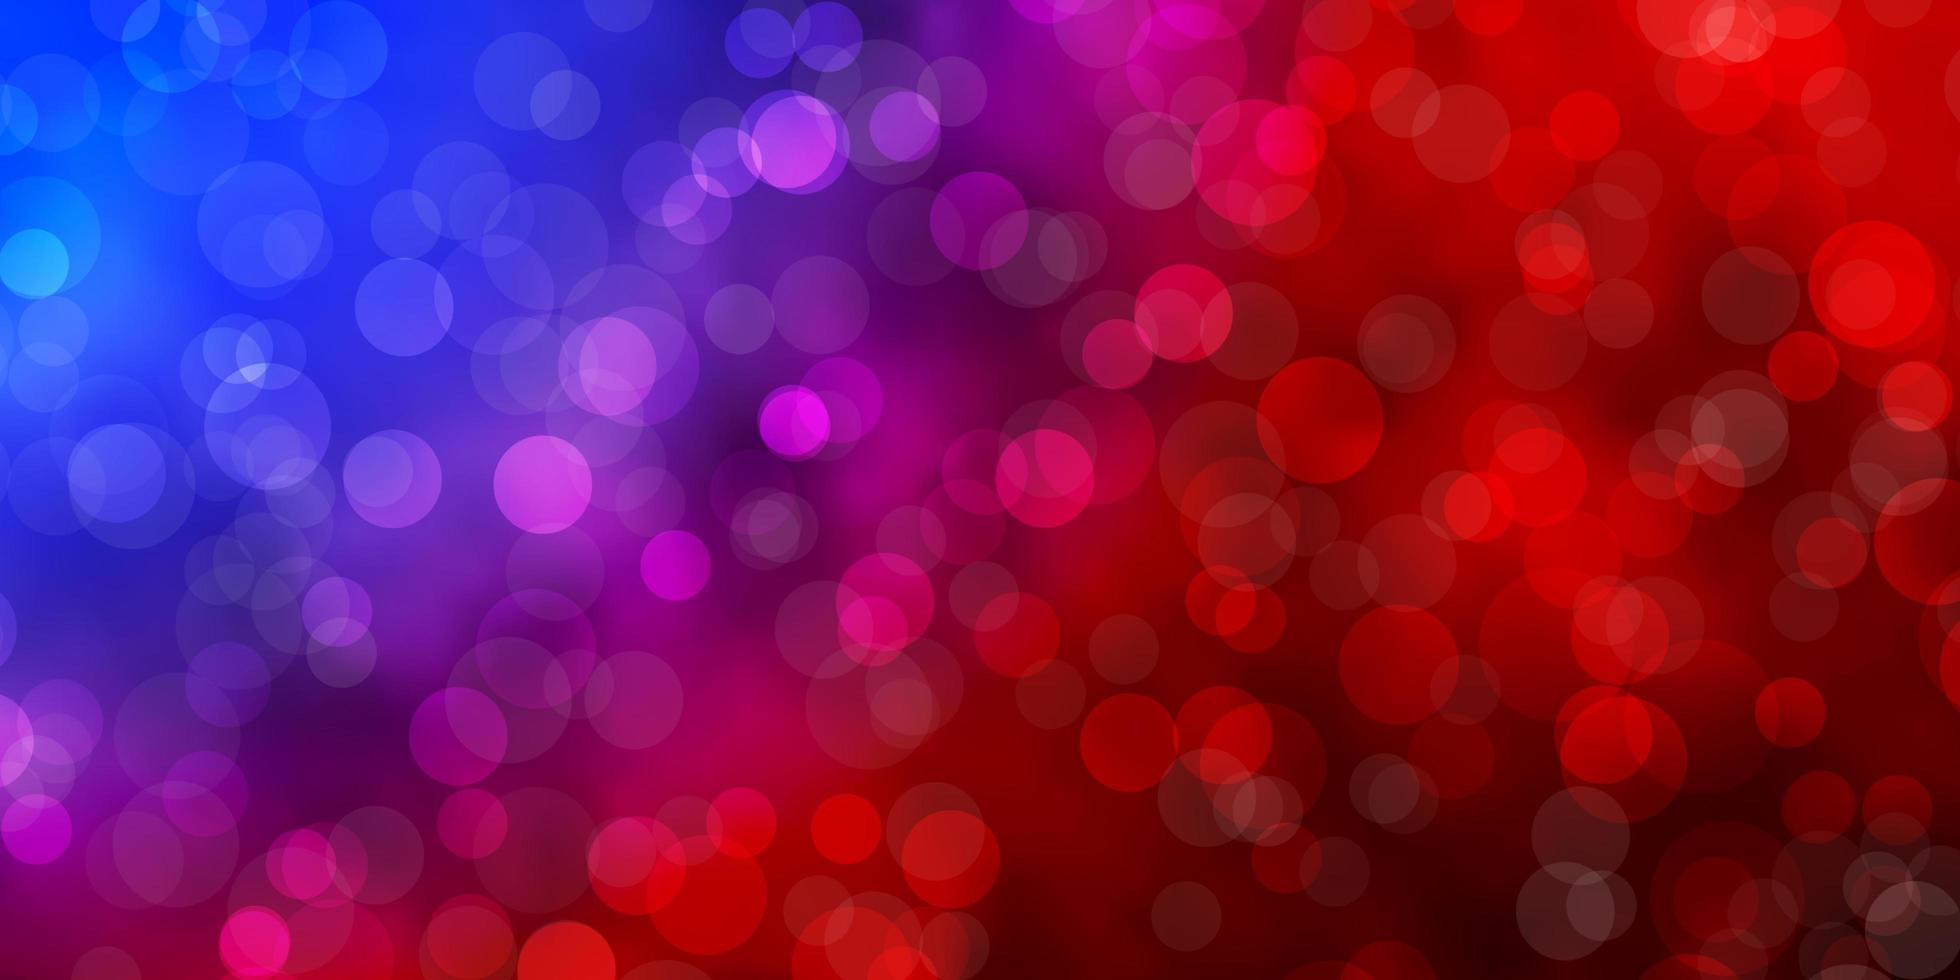 ljusblått, rött mönster med cirklar. vektor